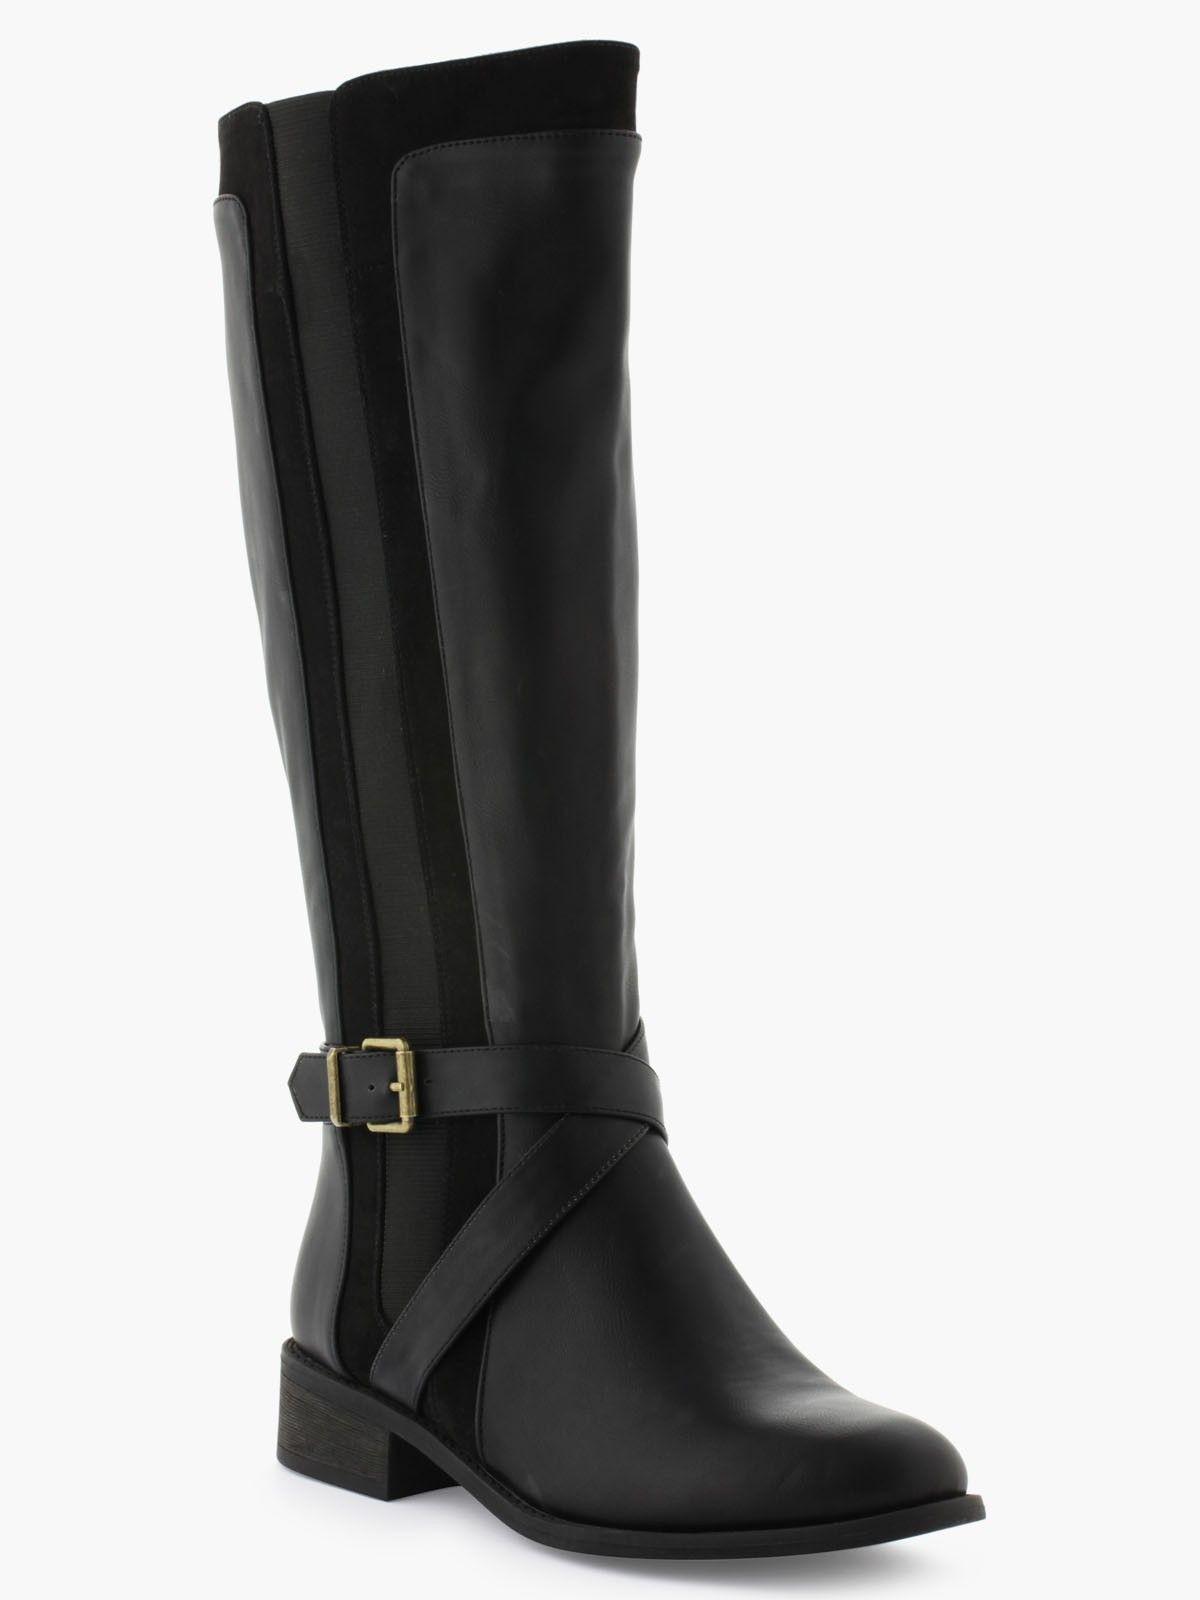 Now FLOTTER Noir - Livraison Gratuite avec  - Chaussures Botte Femme